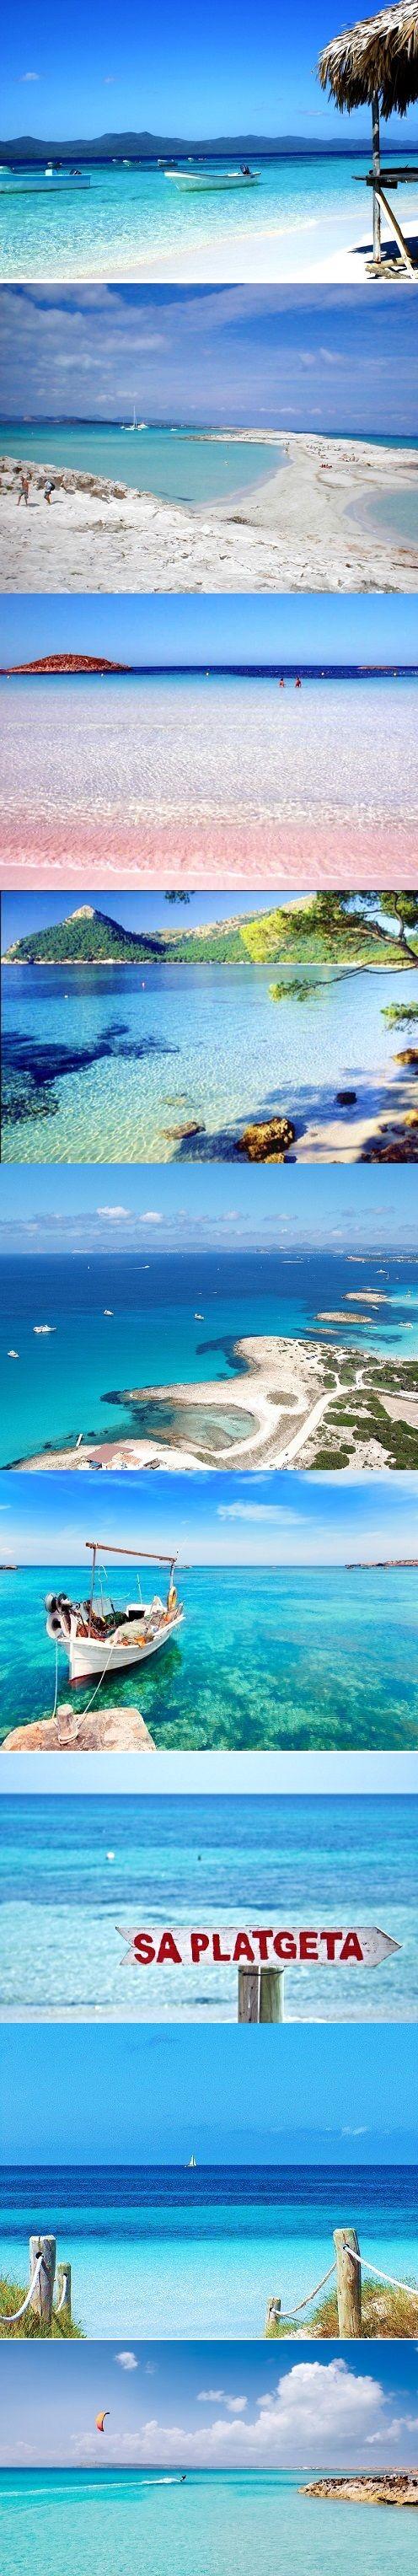 Formentera Beaches, immer eine super Entscheidung für einen Ausflug von IBIZA, traumhafte Strände. Shared from #Guesthouse, www.casa-shania.de